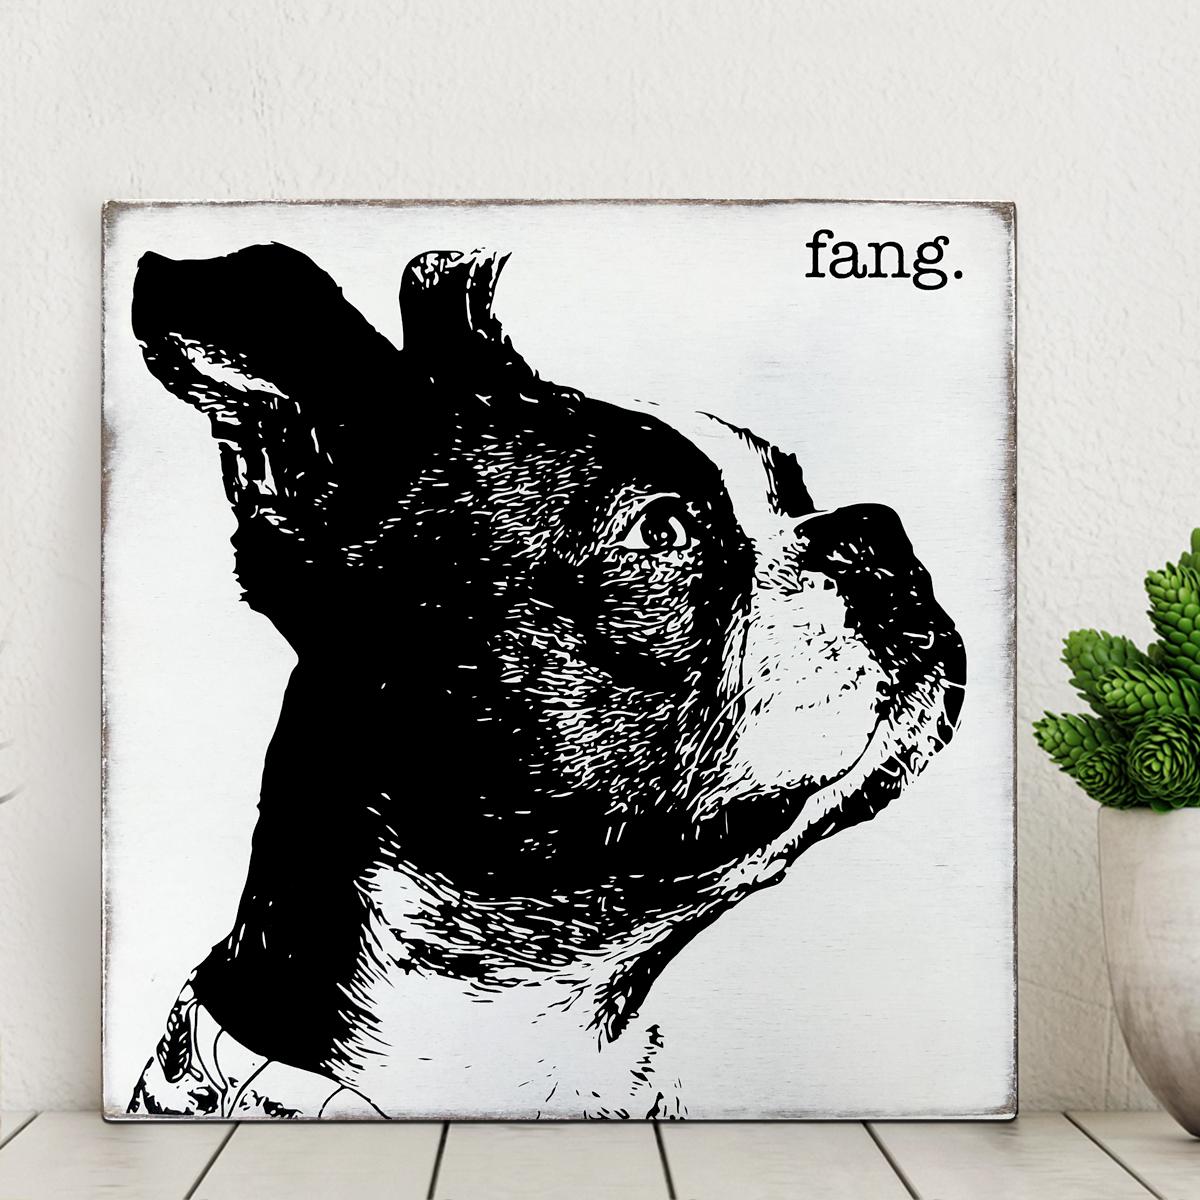 FangPortrait.jpg